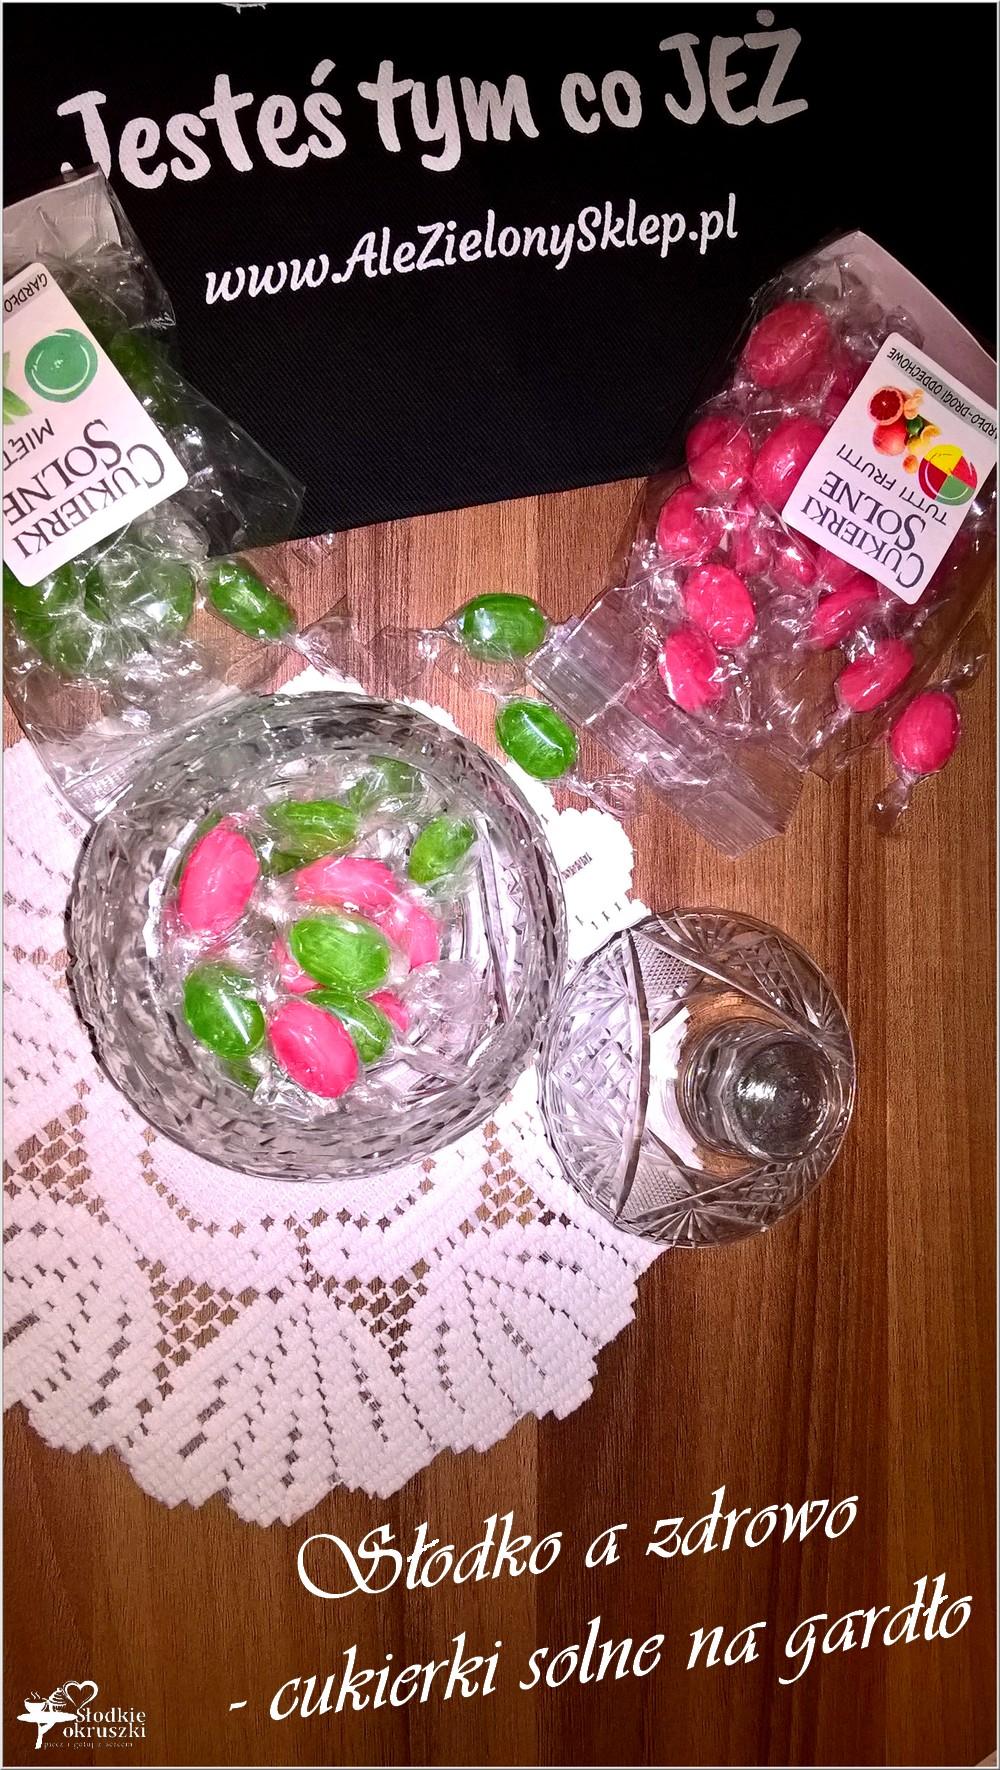 Słodko a zdrowo - cukierki solne idealne na gardło (1)